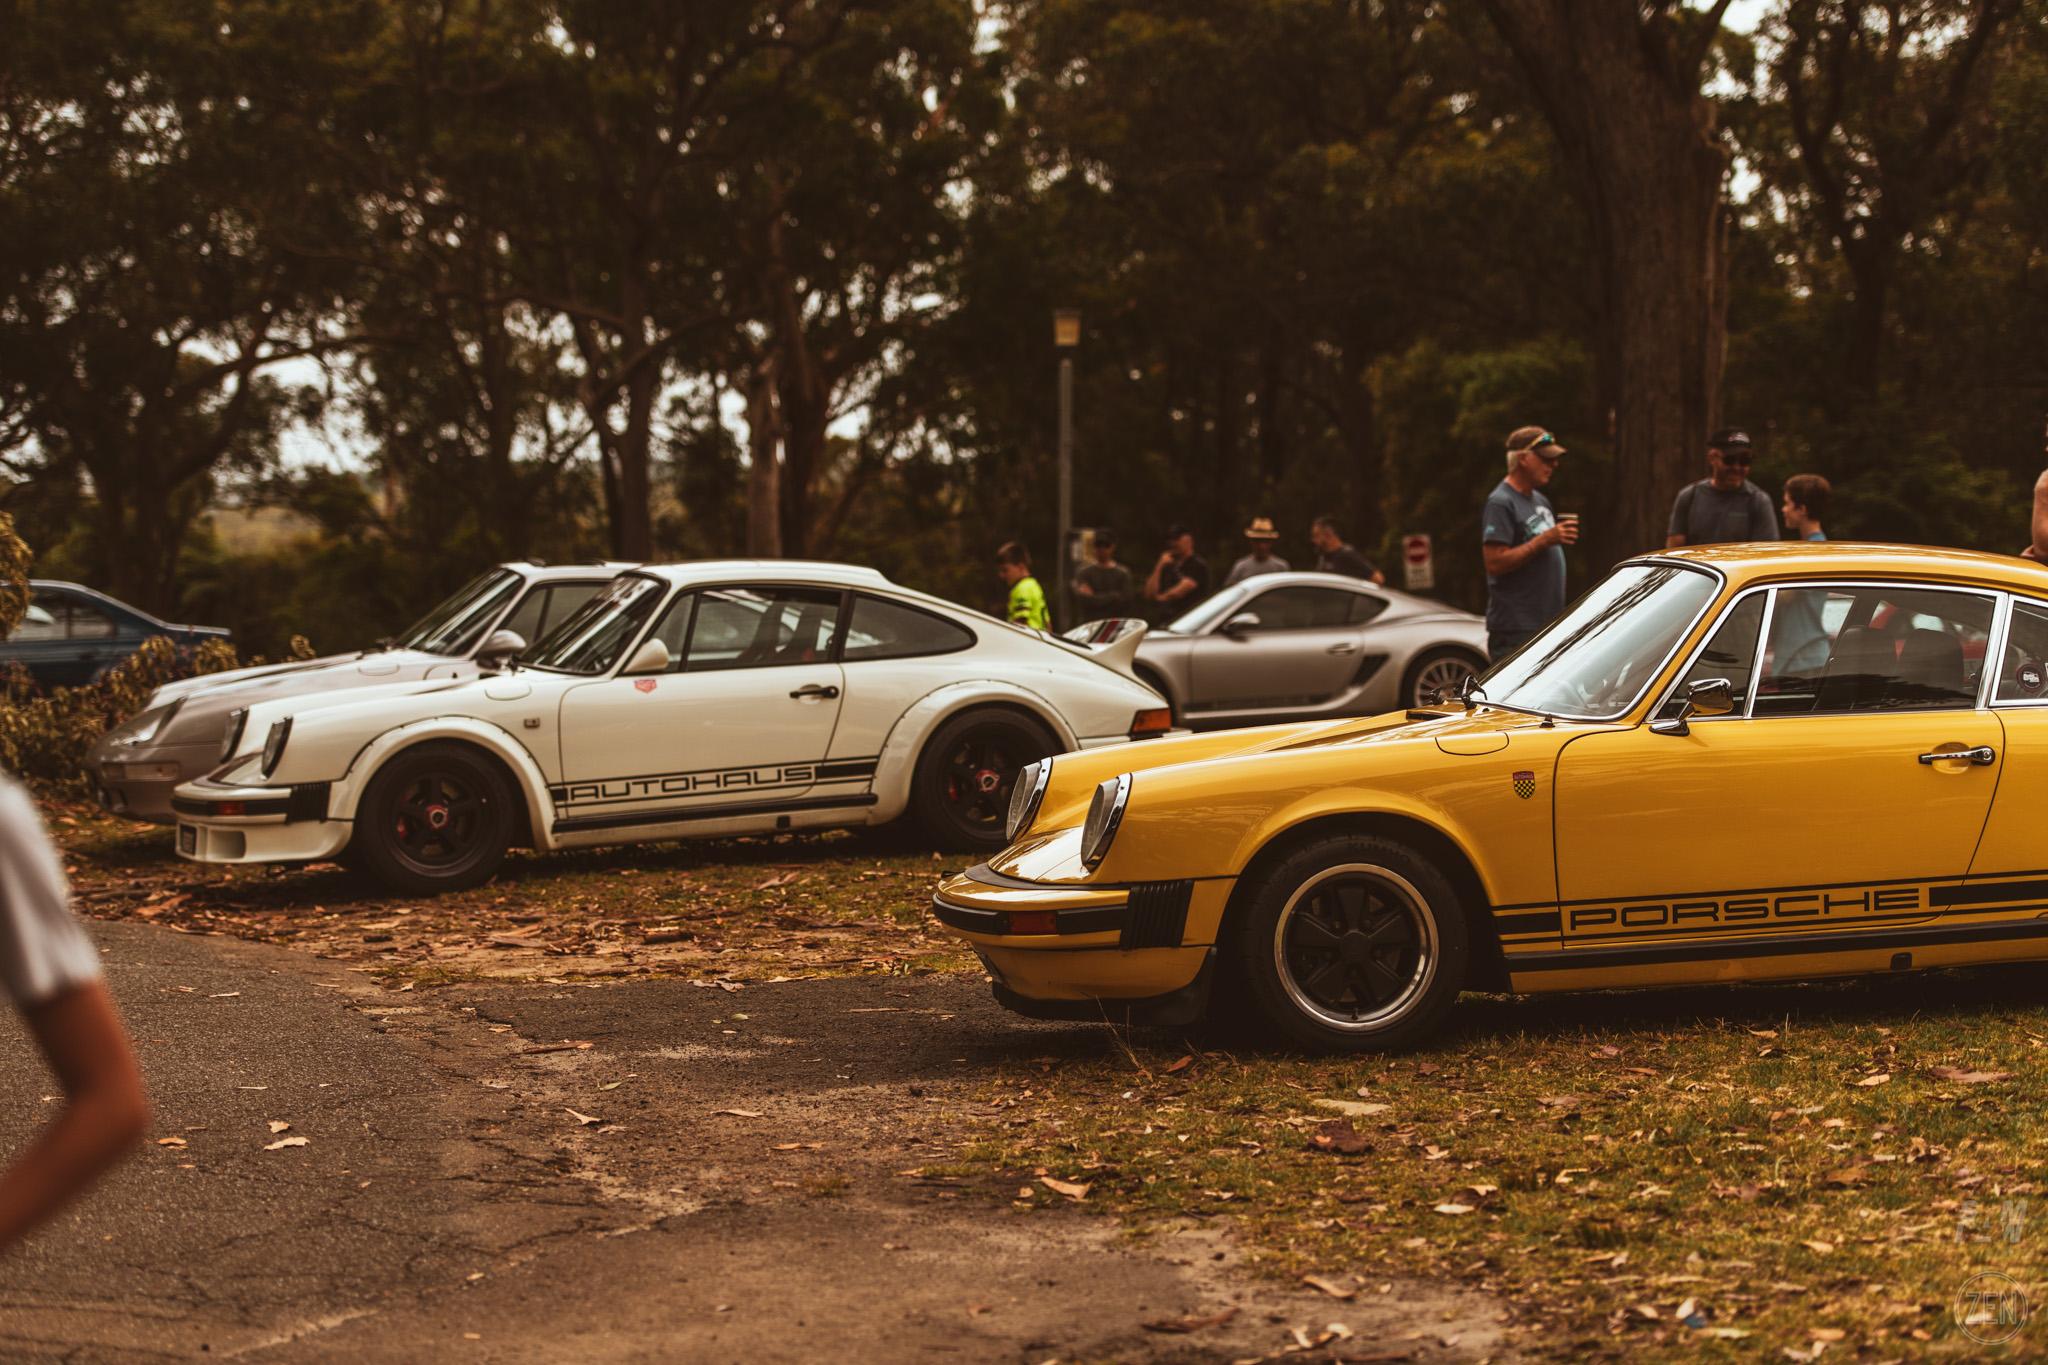 2019-12-08 - Porsches & Coffee 145